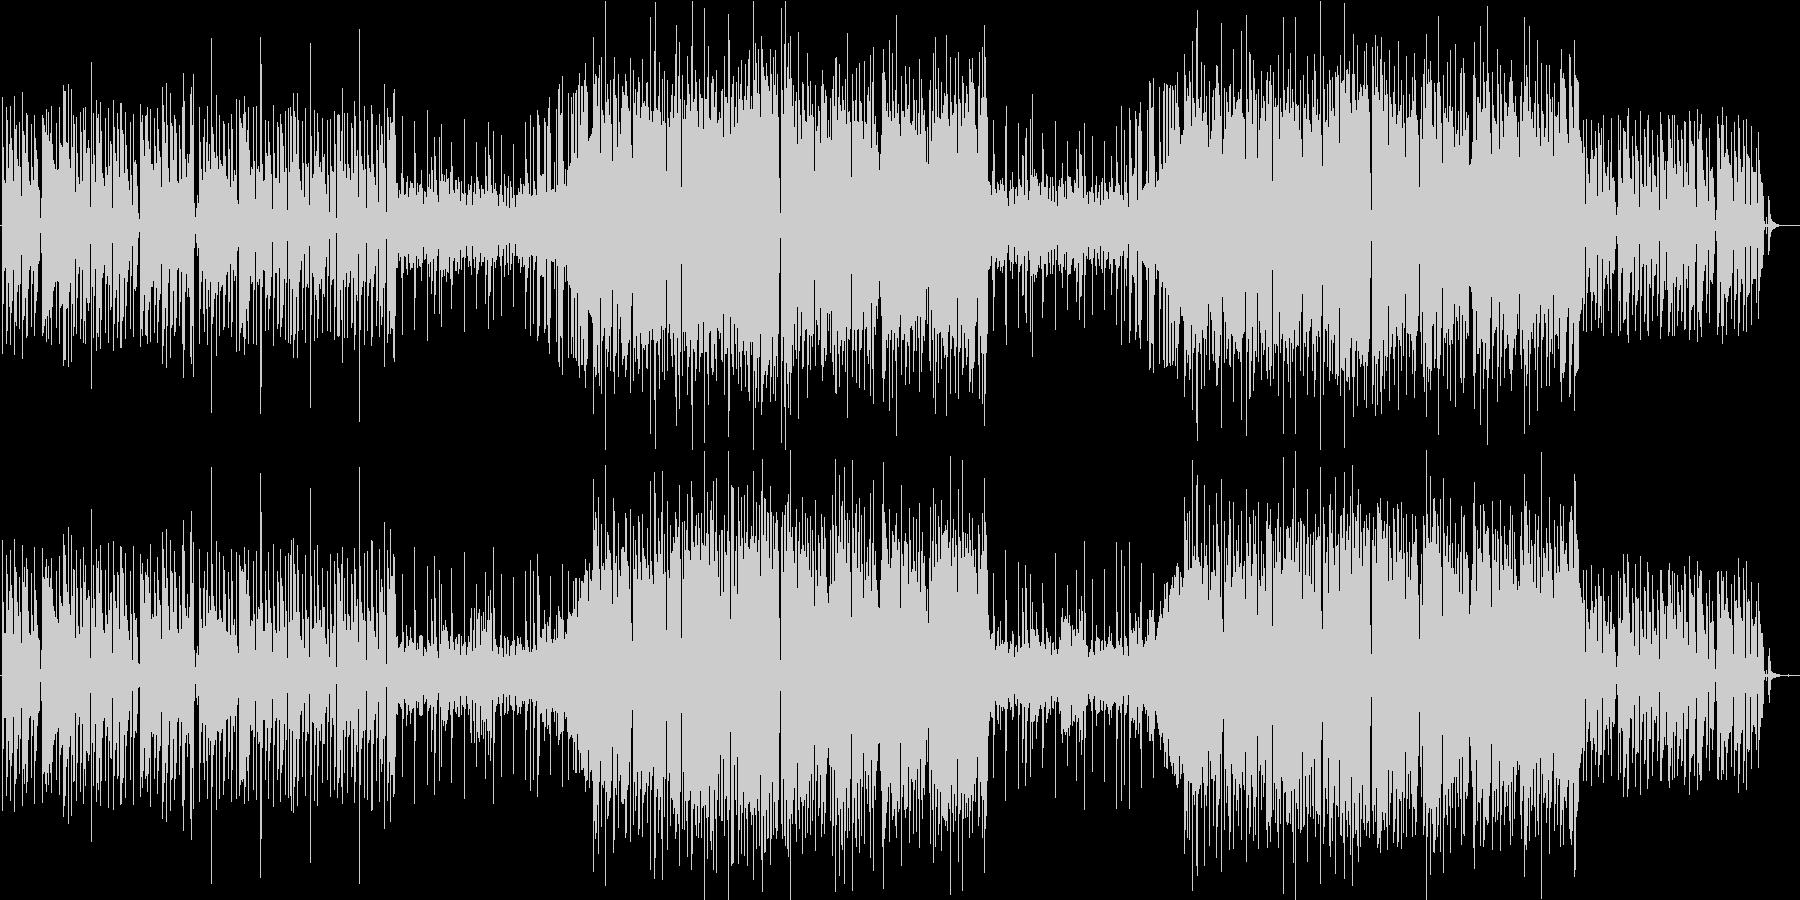 インパクト個性的かっこいいレゲトンEDMの未再生の波形